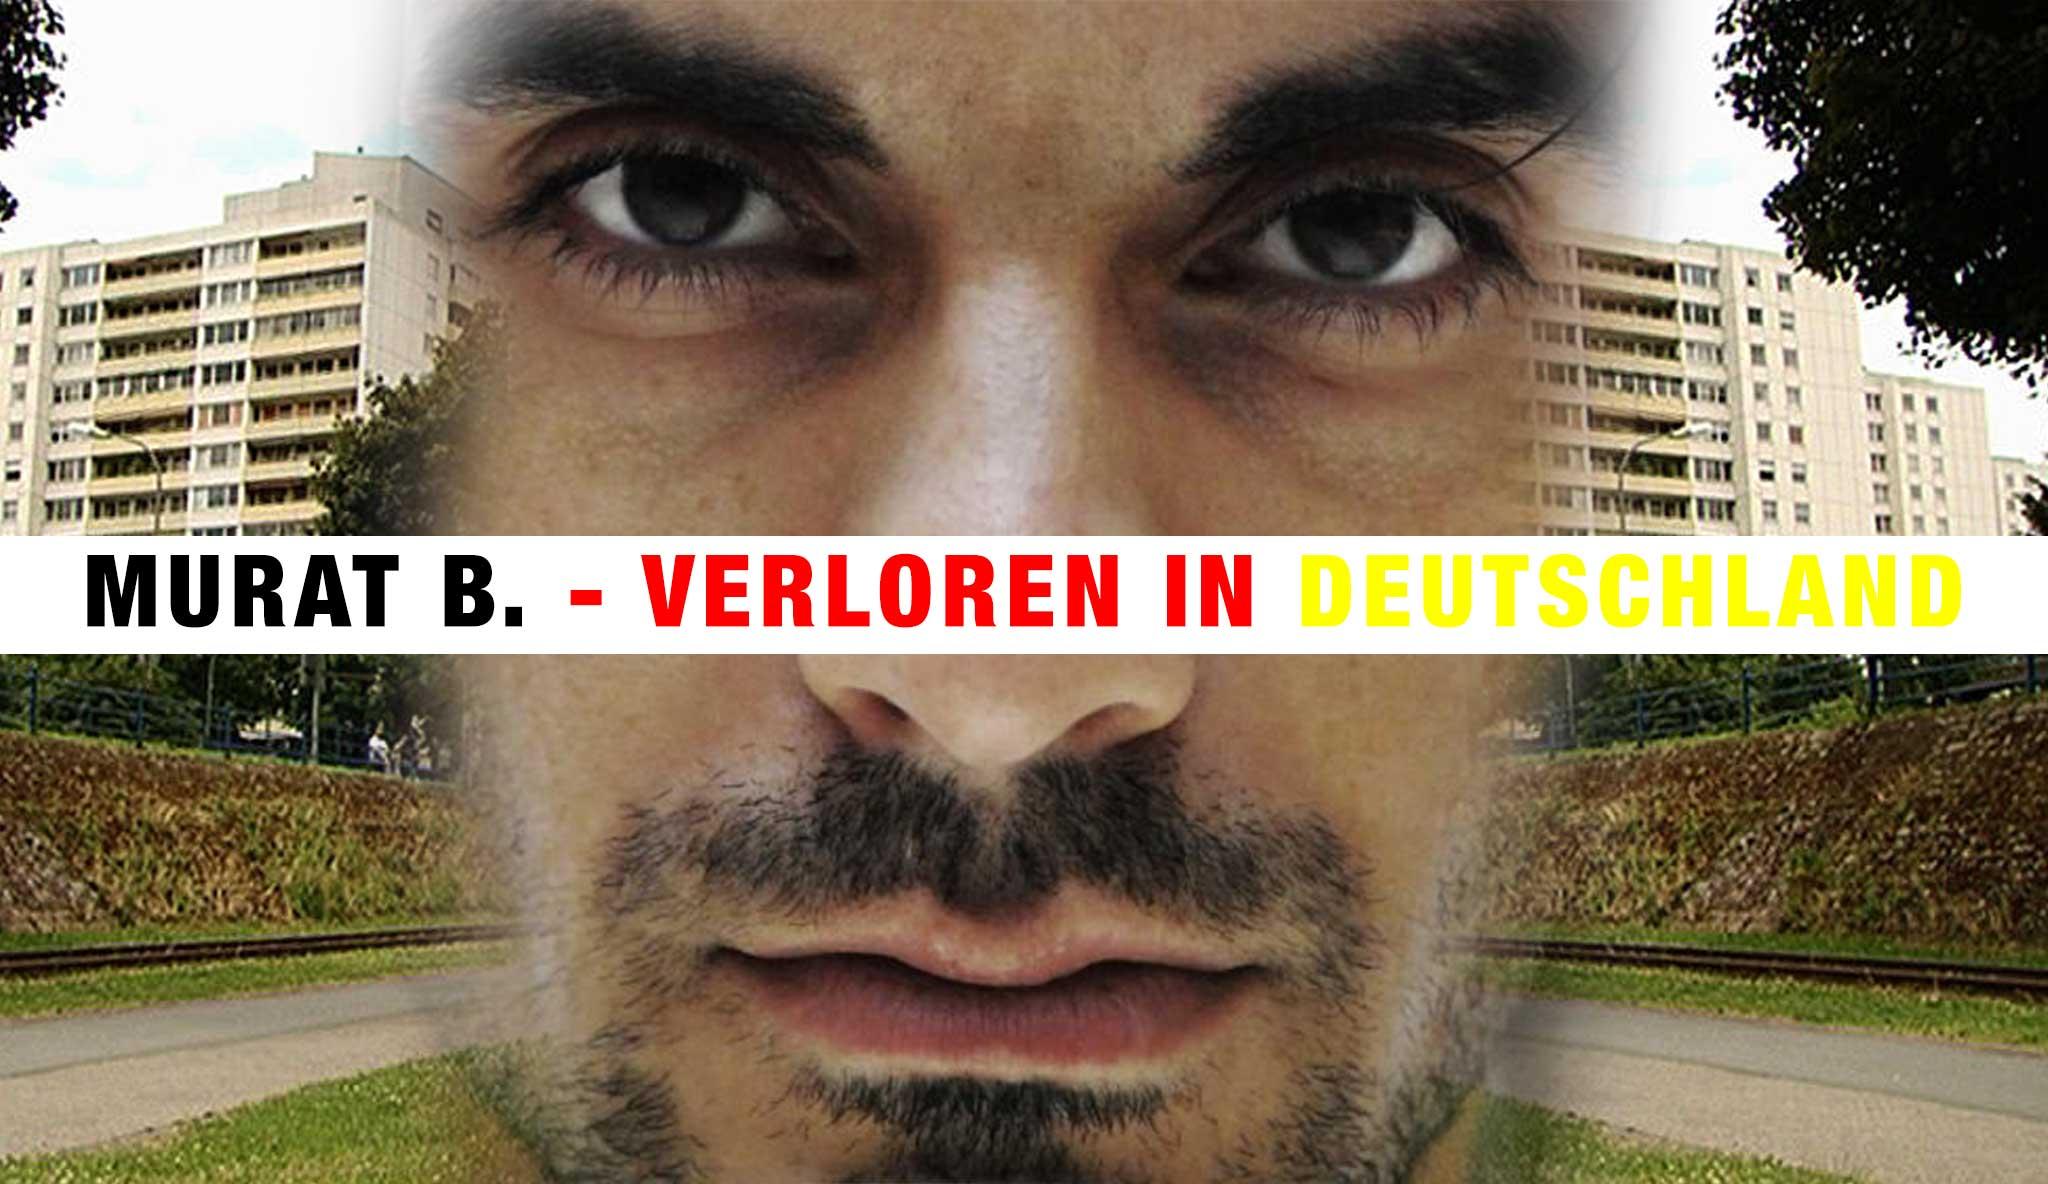 murat-b-verloren-in-deutschland\header.jpg